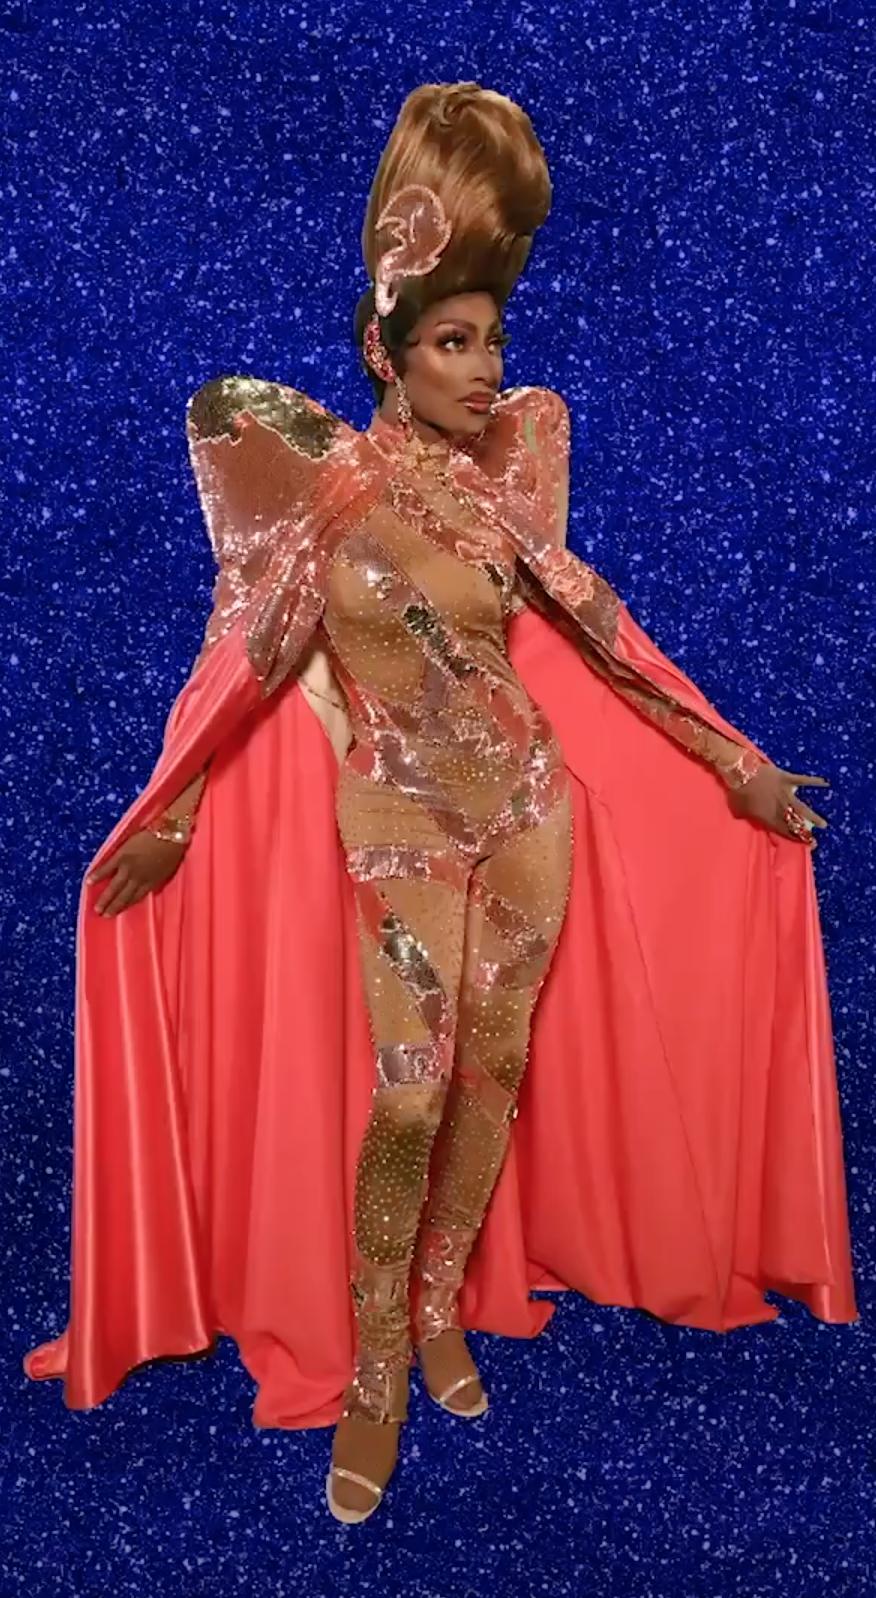 Gay's Anatomy Jaida Essence Hall